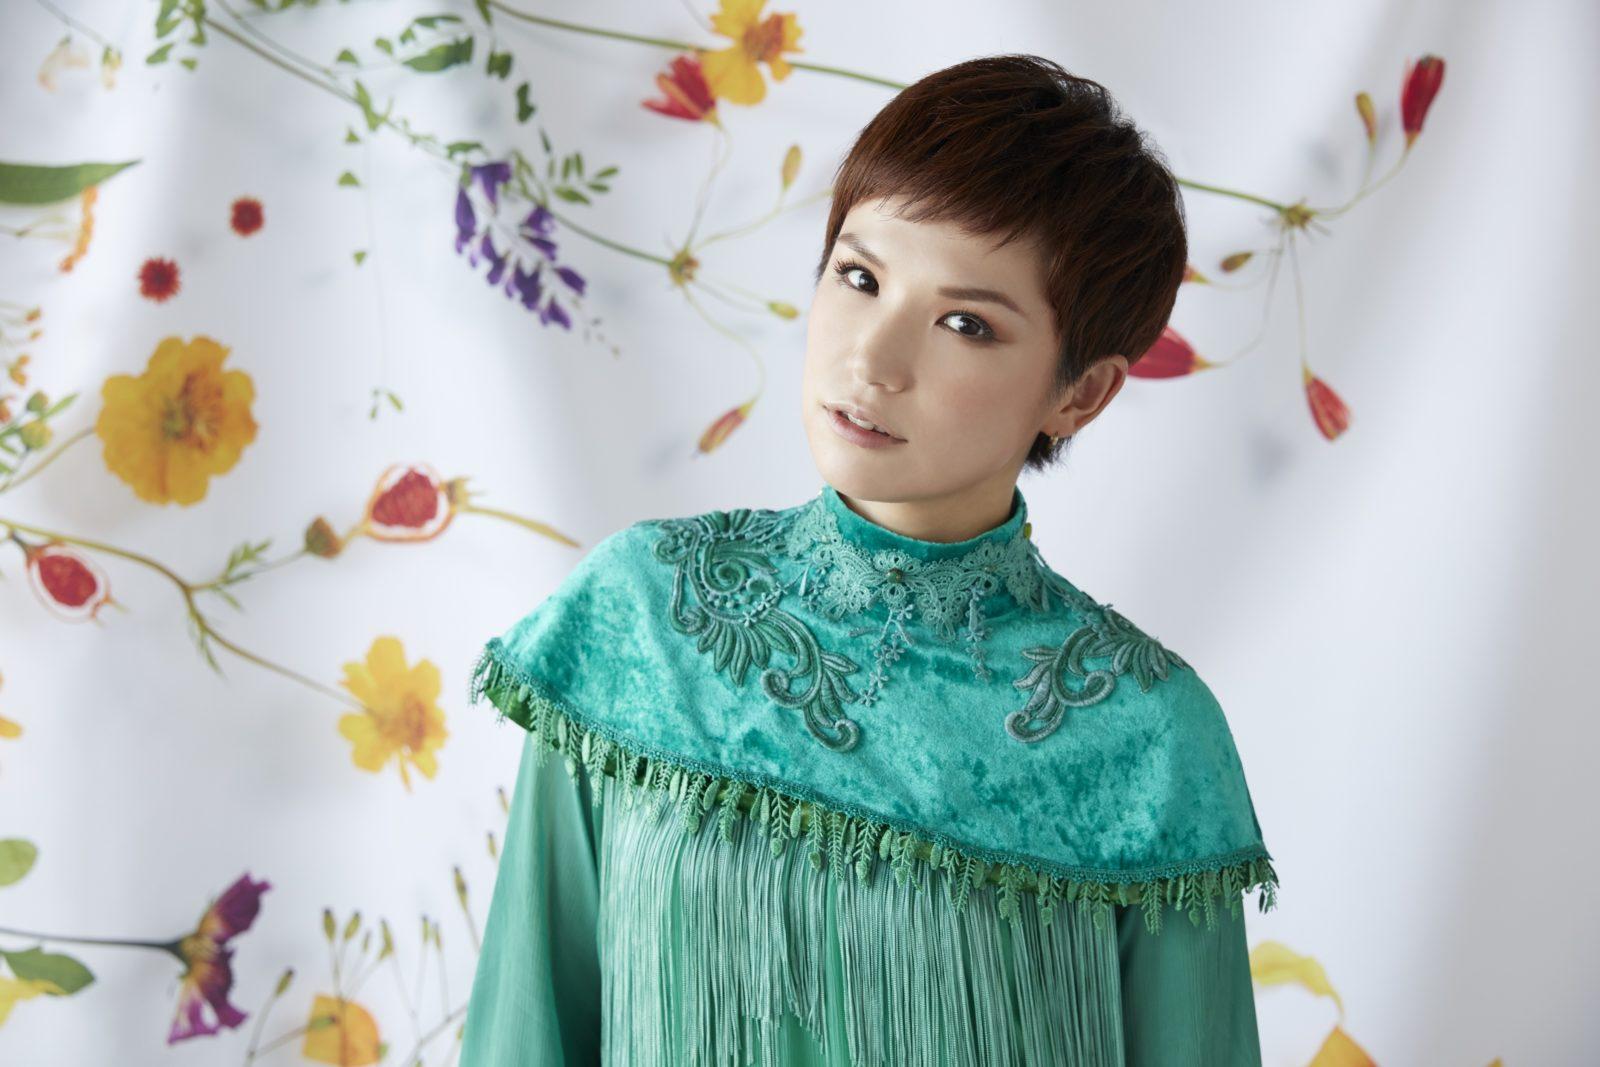 Superfly 「愛をこめて花束を -Orchestra Ver.-」MVを公開サムネイル画像